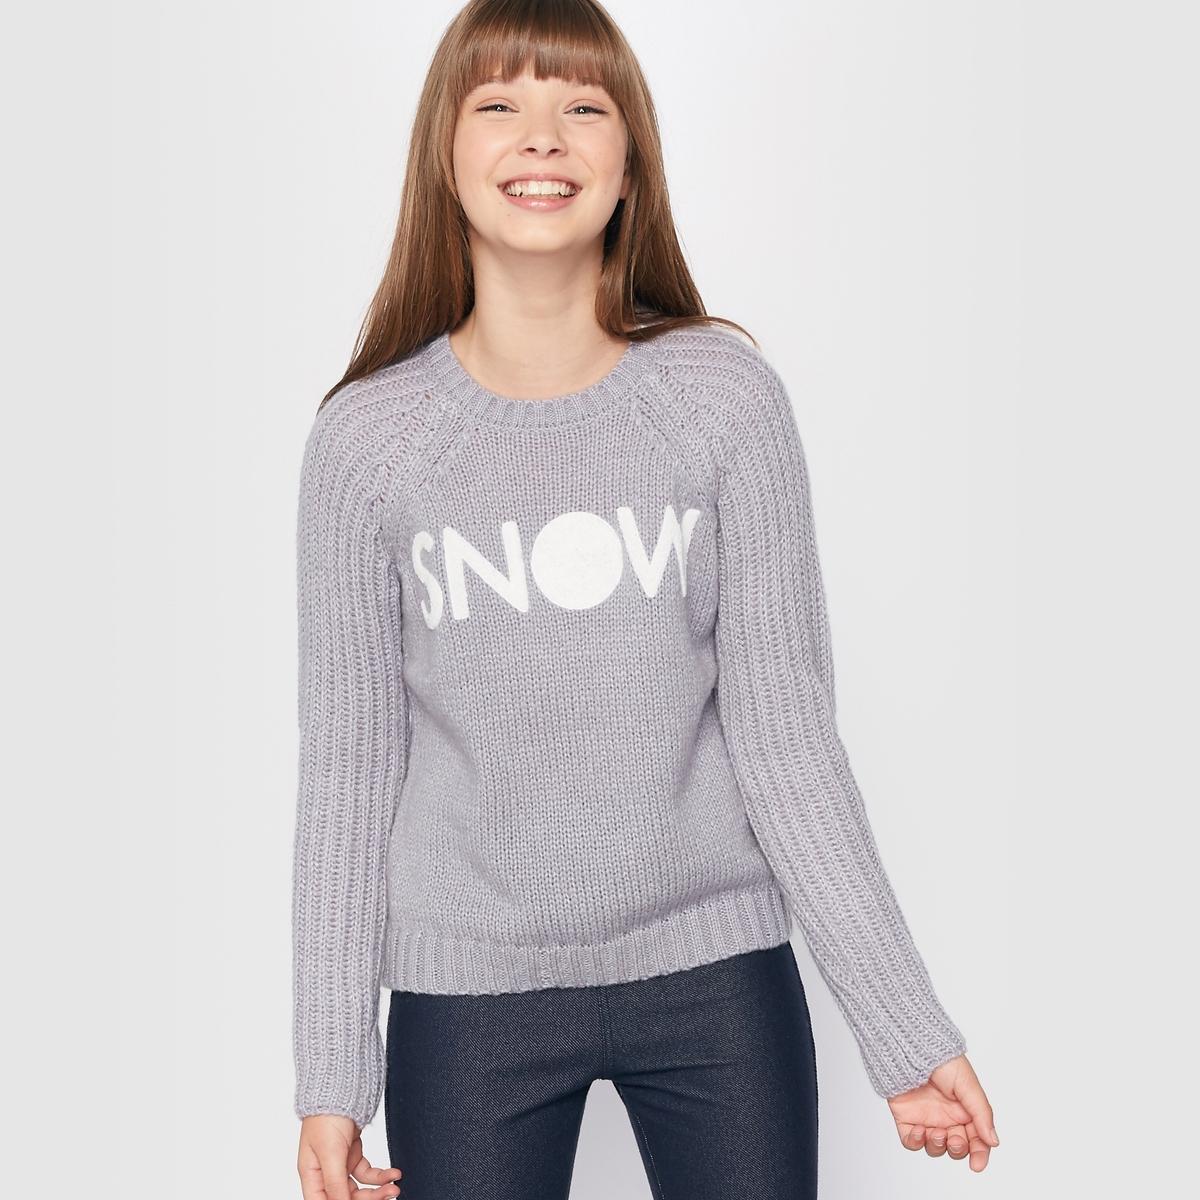 Пуловер с отделкой из трикотажа букле, 10-16 лет